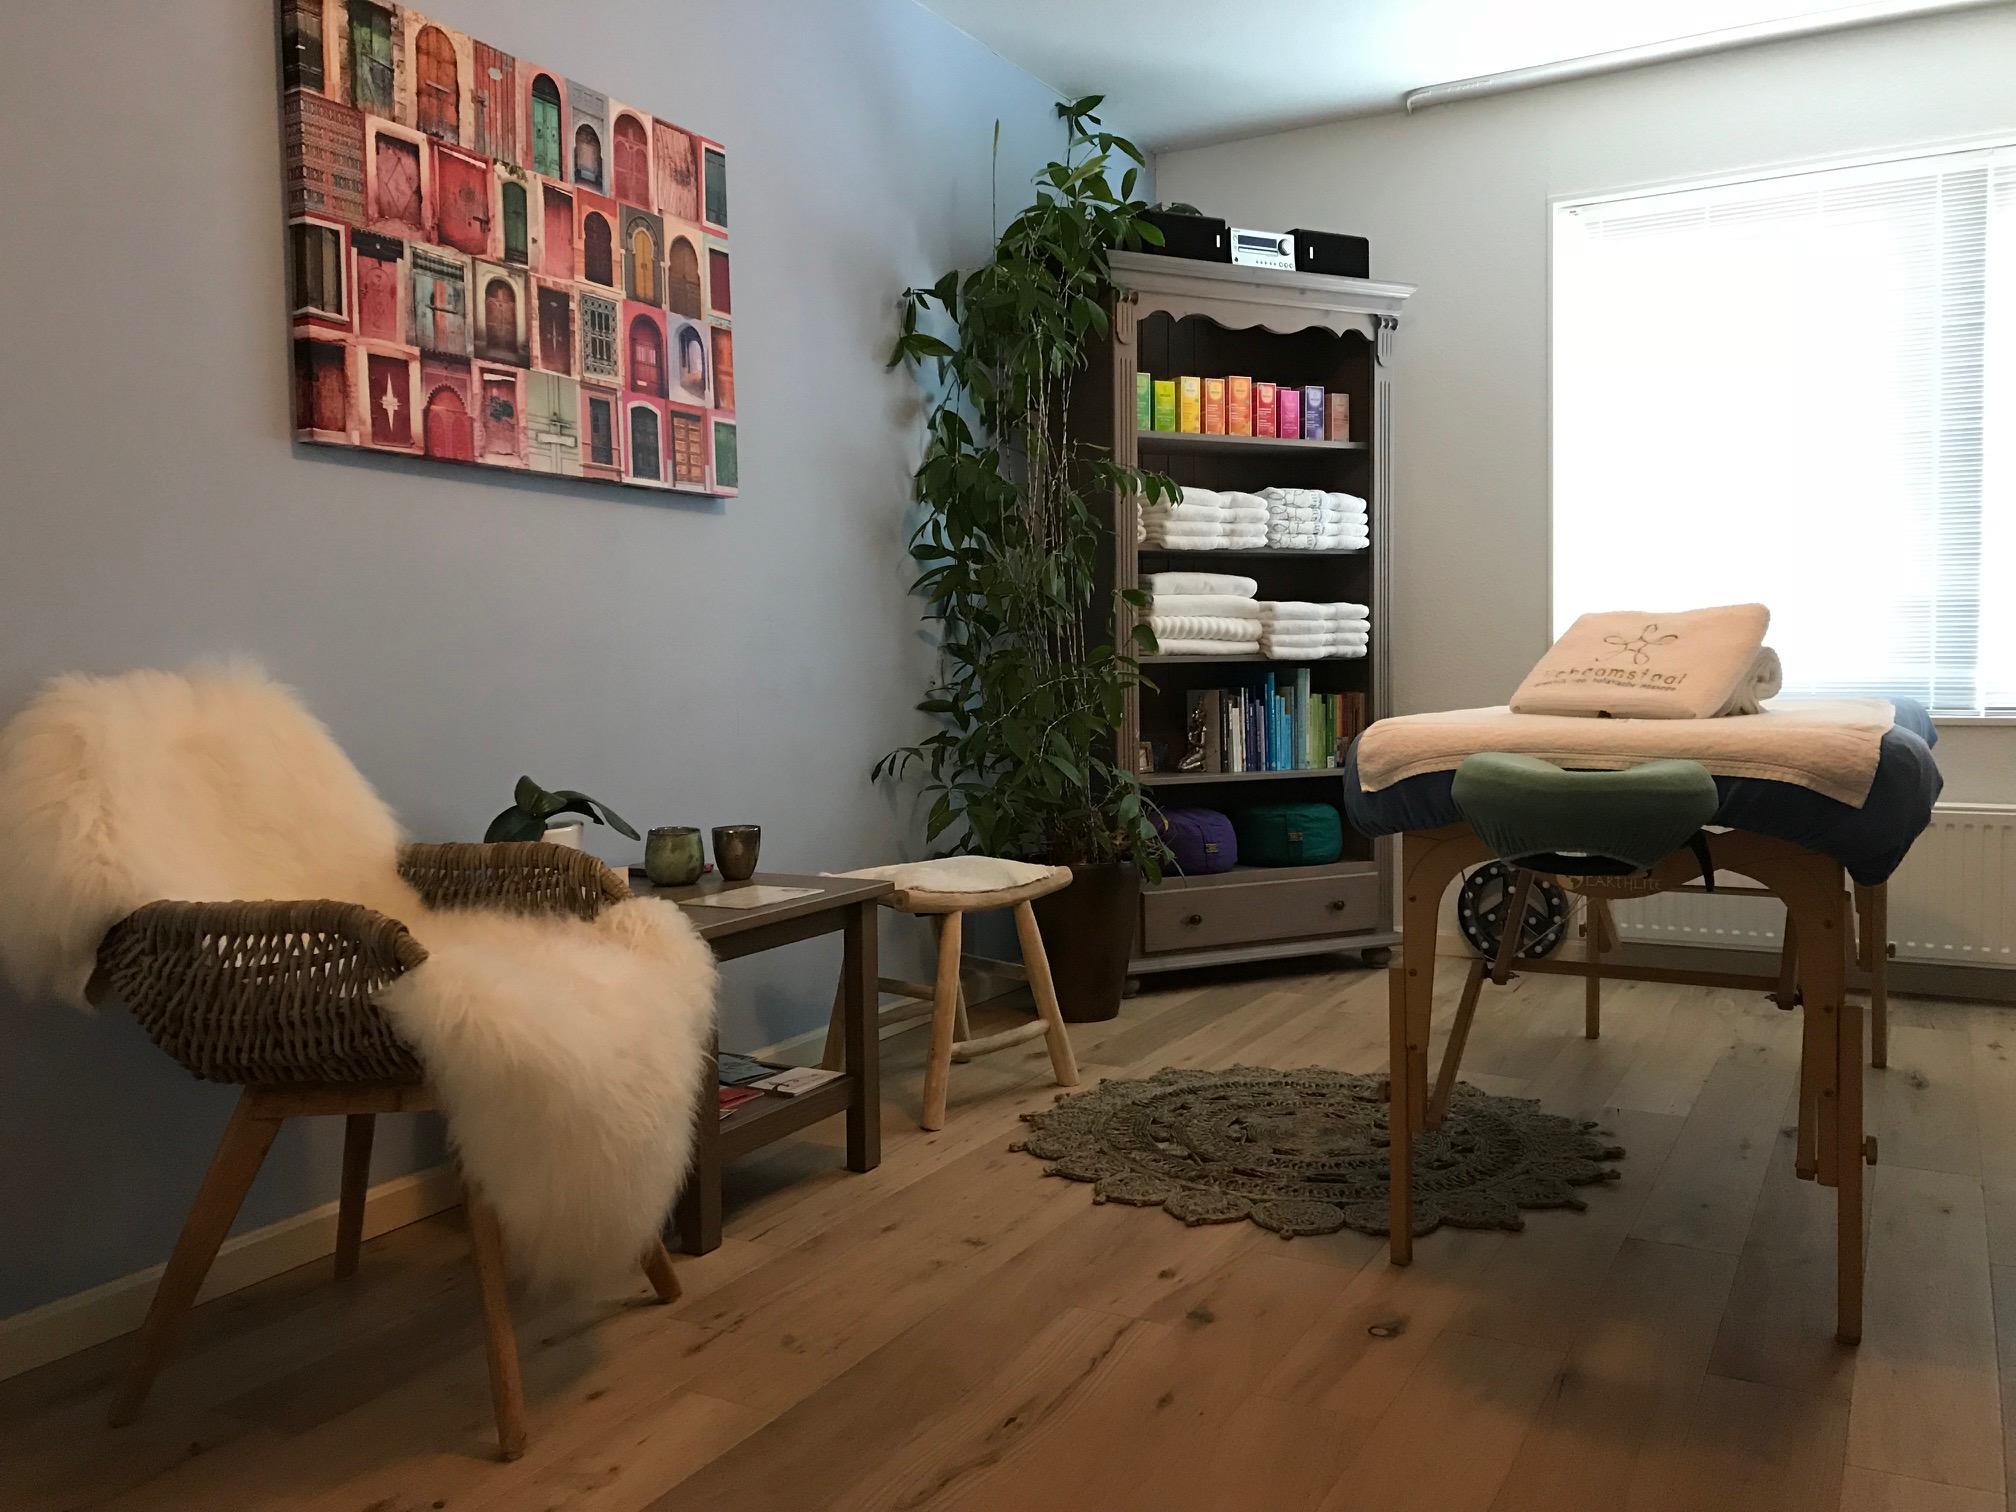 Massage bij Massagepraktijk Lichaamstaal. De praktijkruimte is sfeervol ingericht met veelal natuurlijke materialen en kleuren.